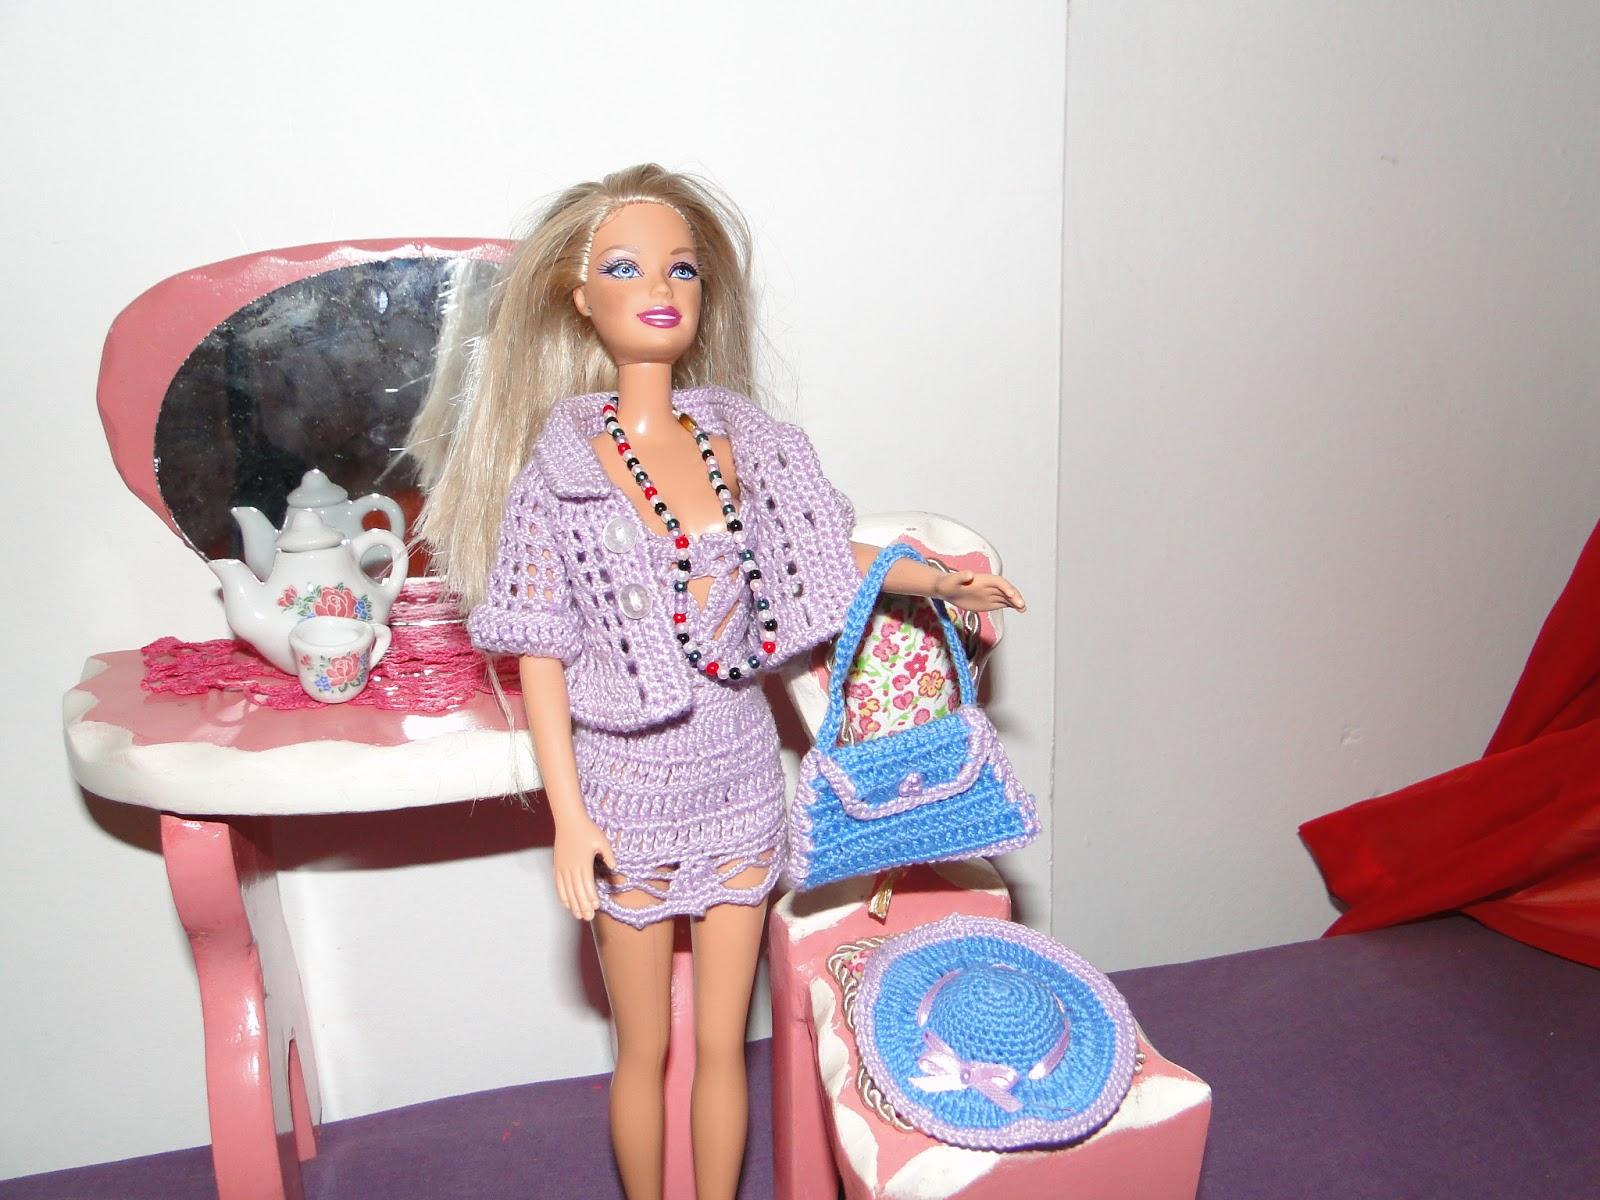 Barbie Crochê Miniaturas Artesanato e Coisas Mais: Minhas Roupinhas  #1868B3 1600 1200